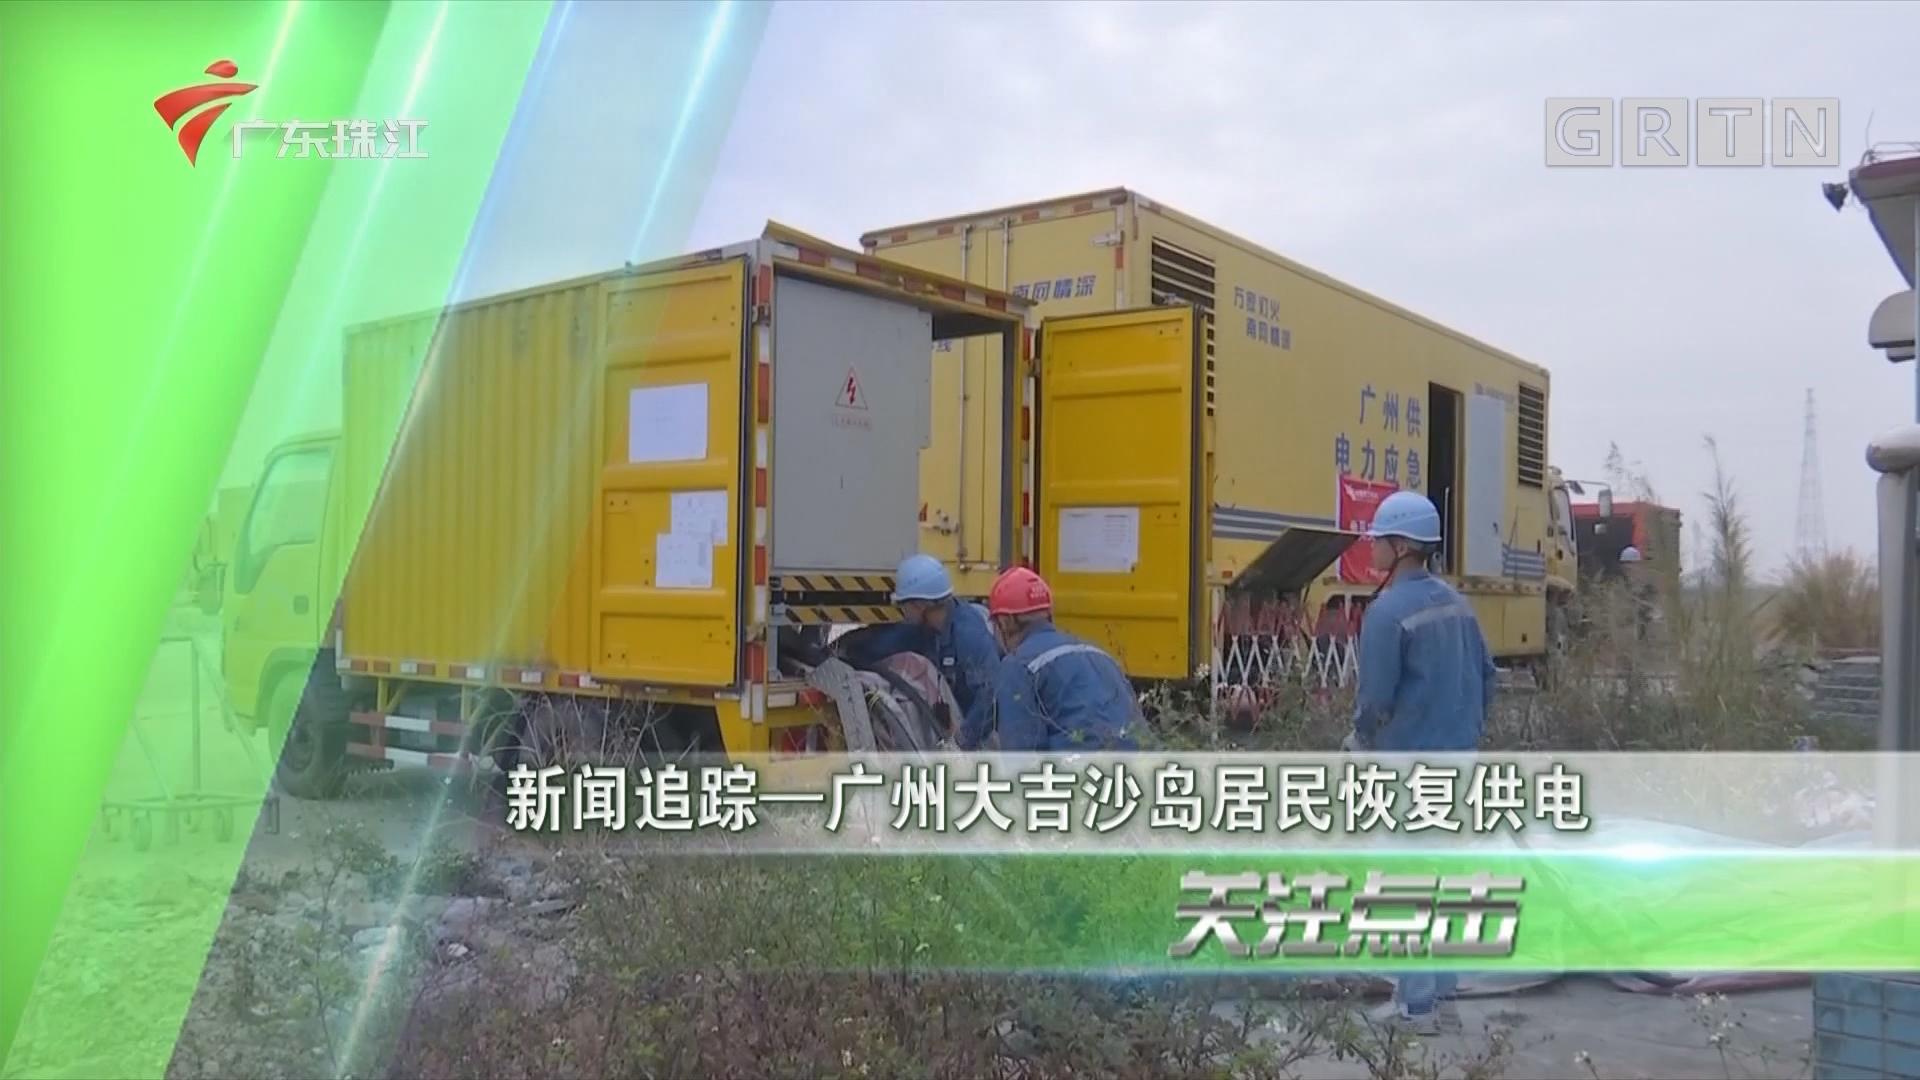 新闻追踪——广州大吉沙岛居民恢复供电